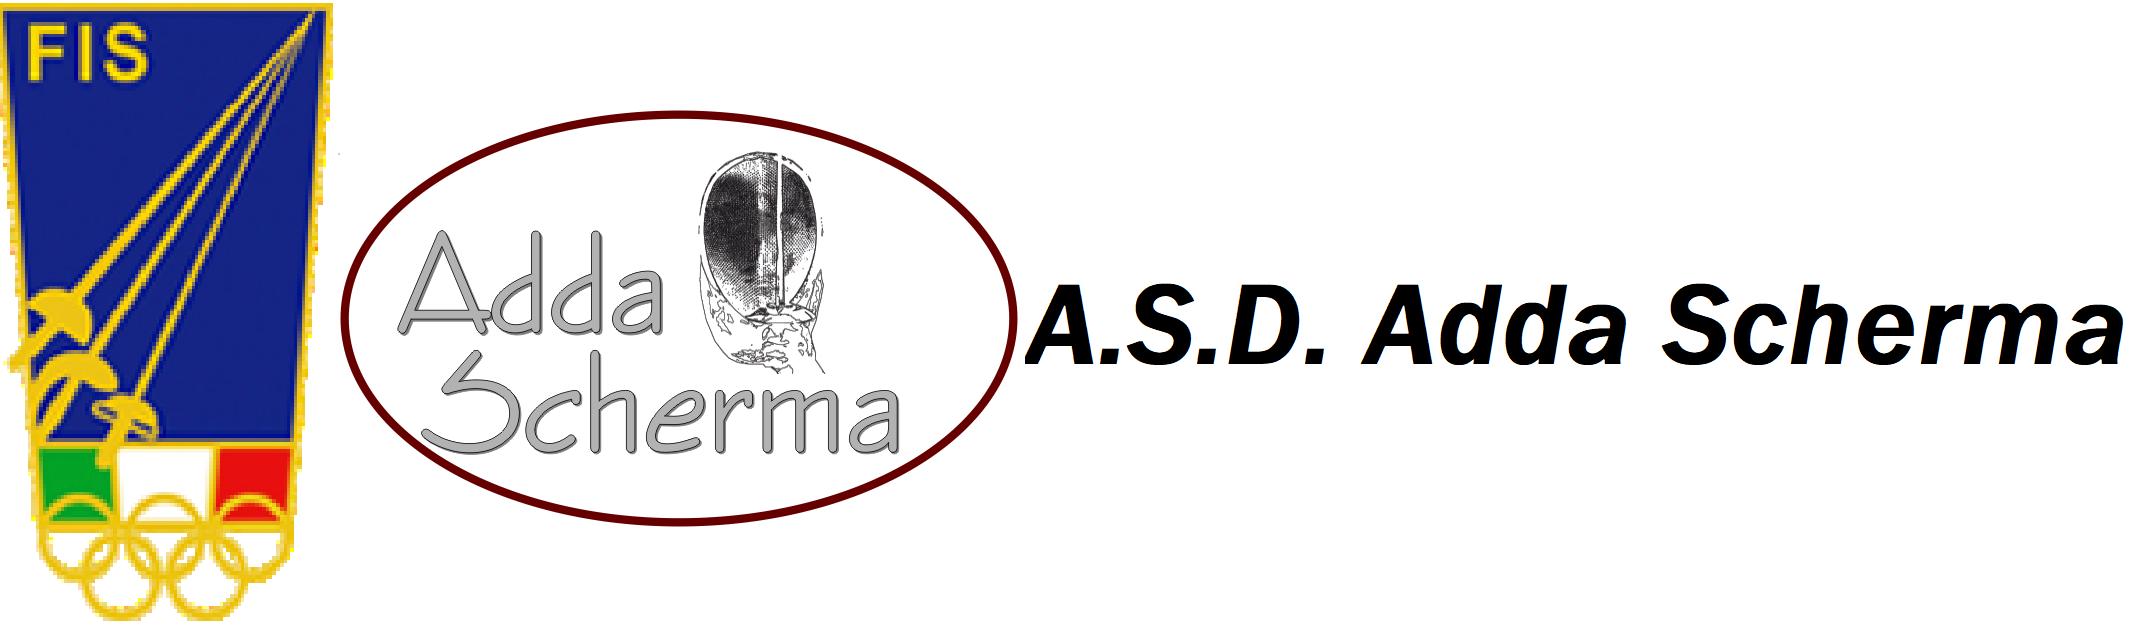 A.S.D. Adda Scherma